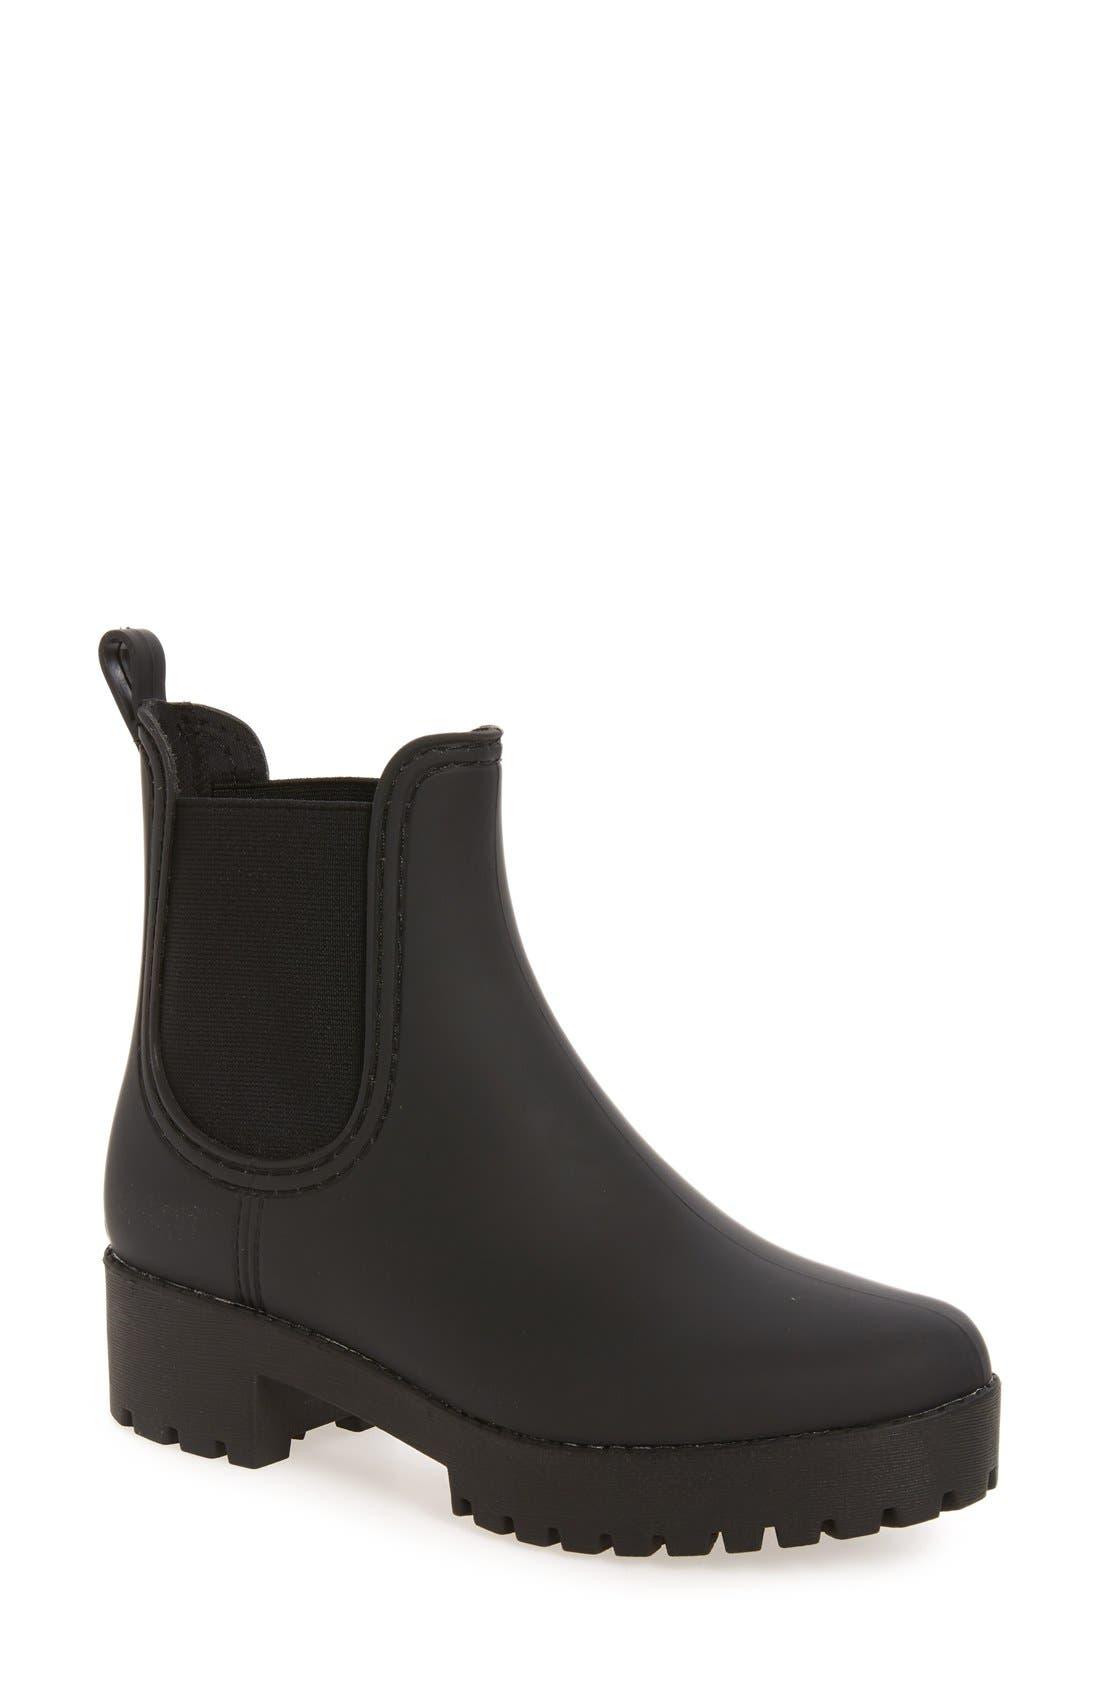 Cloudy Waterproof Chelsea Rain Boot, Main, color, BLACK MATTE BLACK